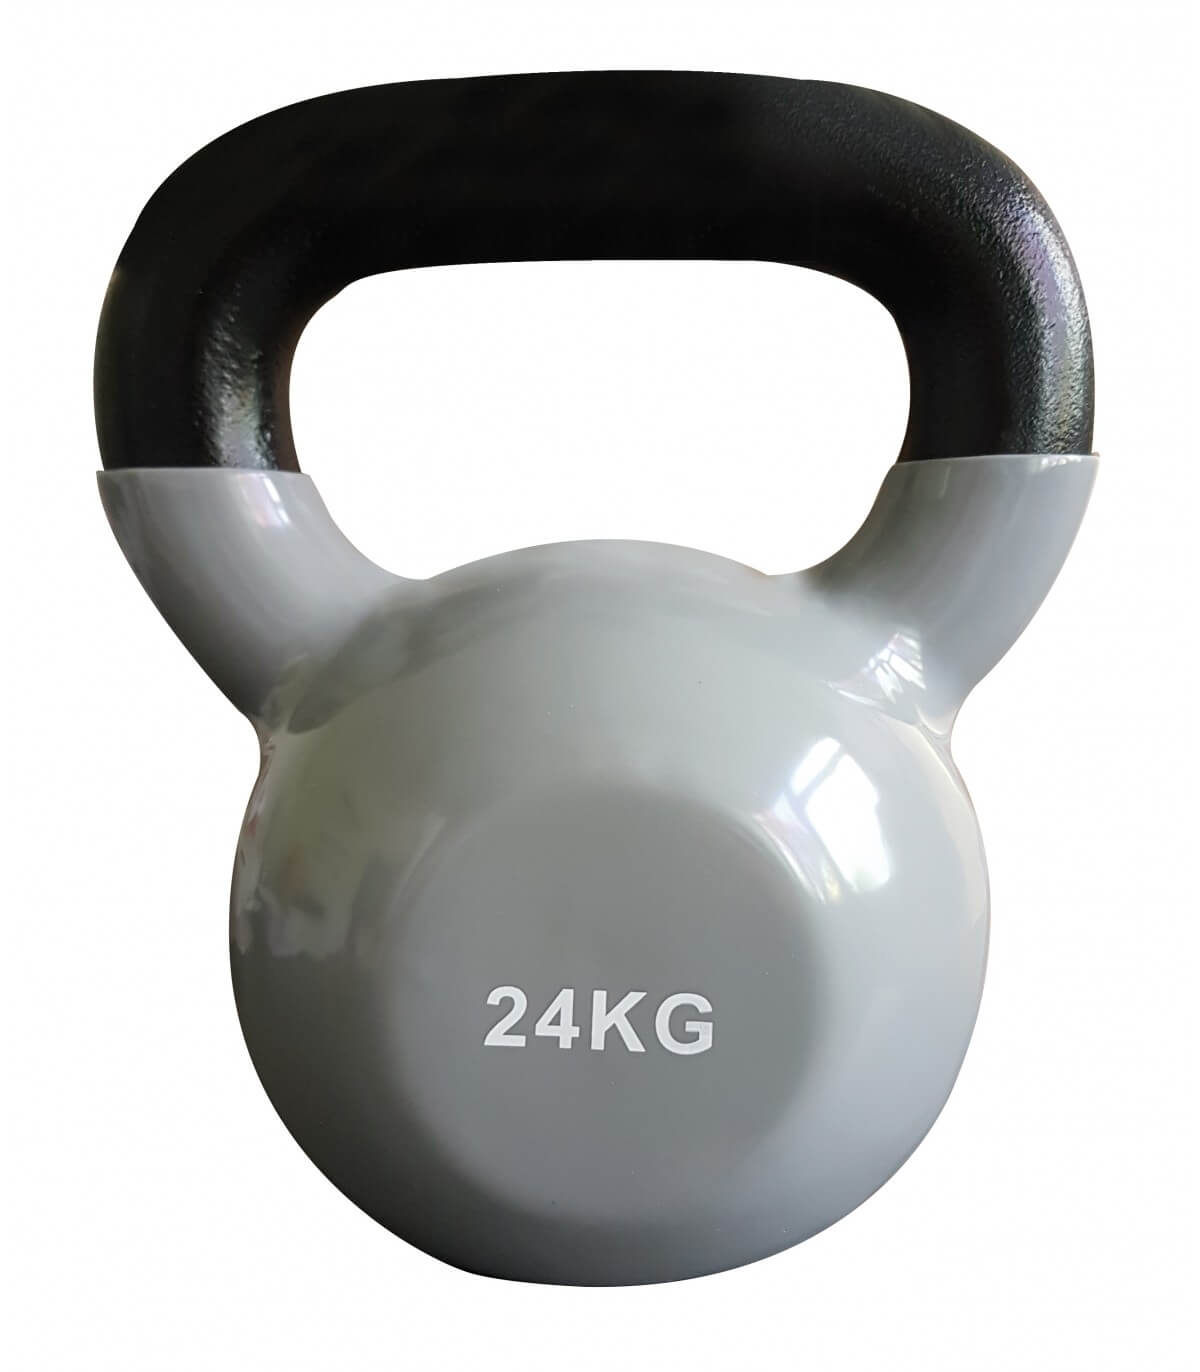 Kettlebell 24kg